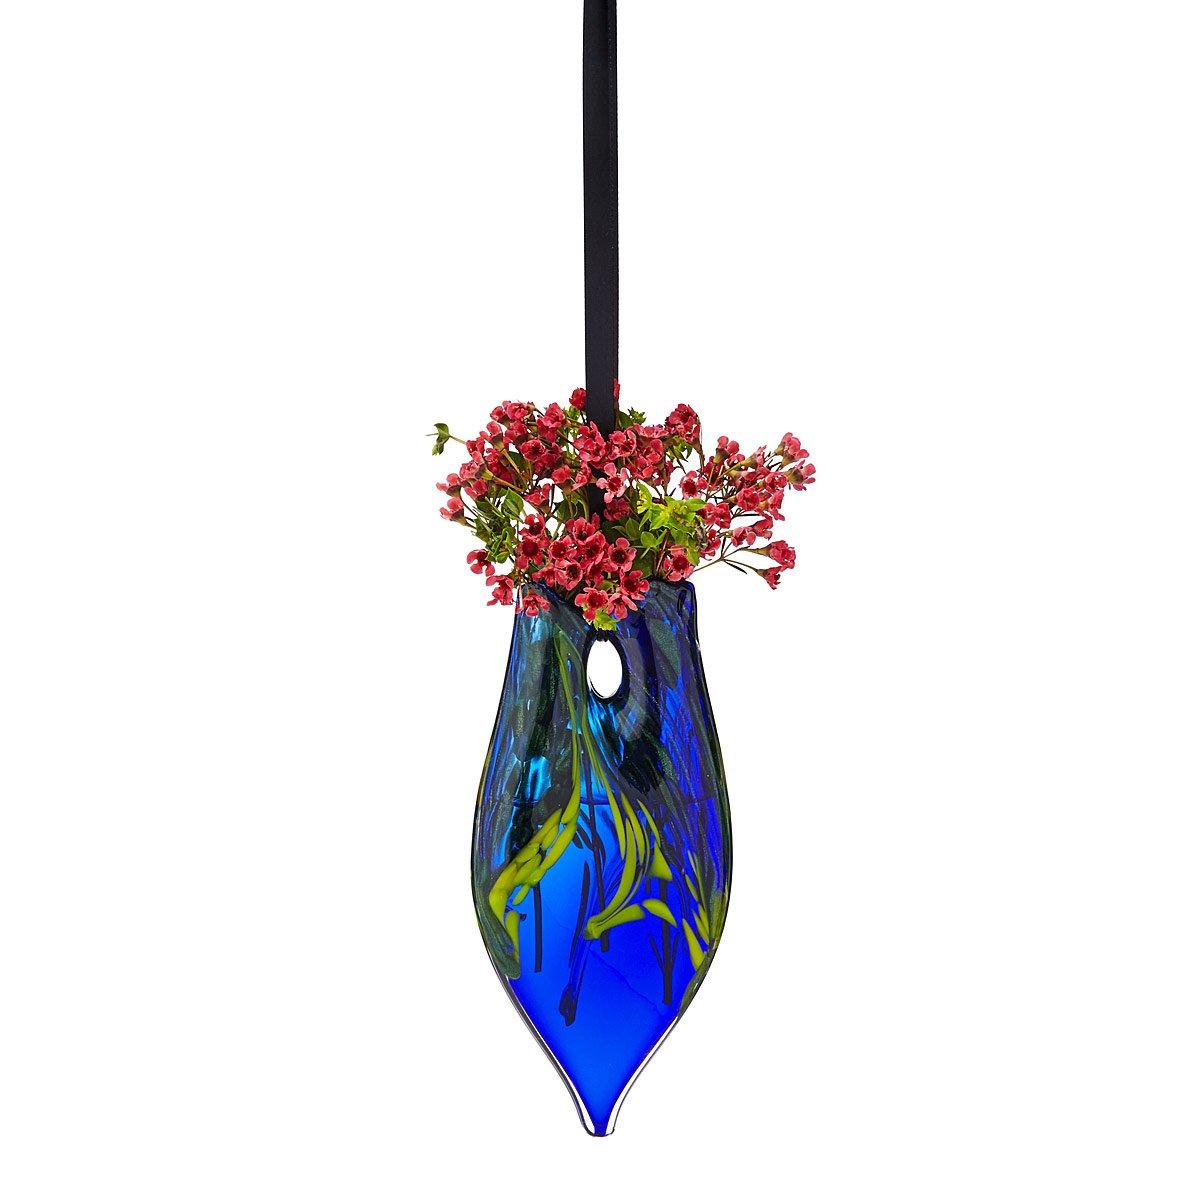 Personalized cursive wedding vase custom wedding gift hanging heart vase reviewsmspy